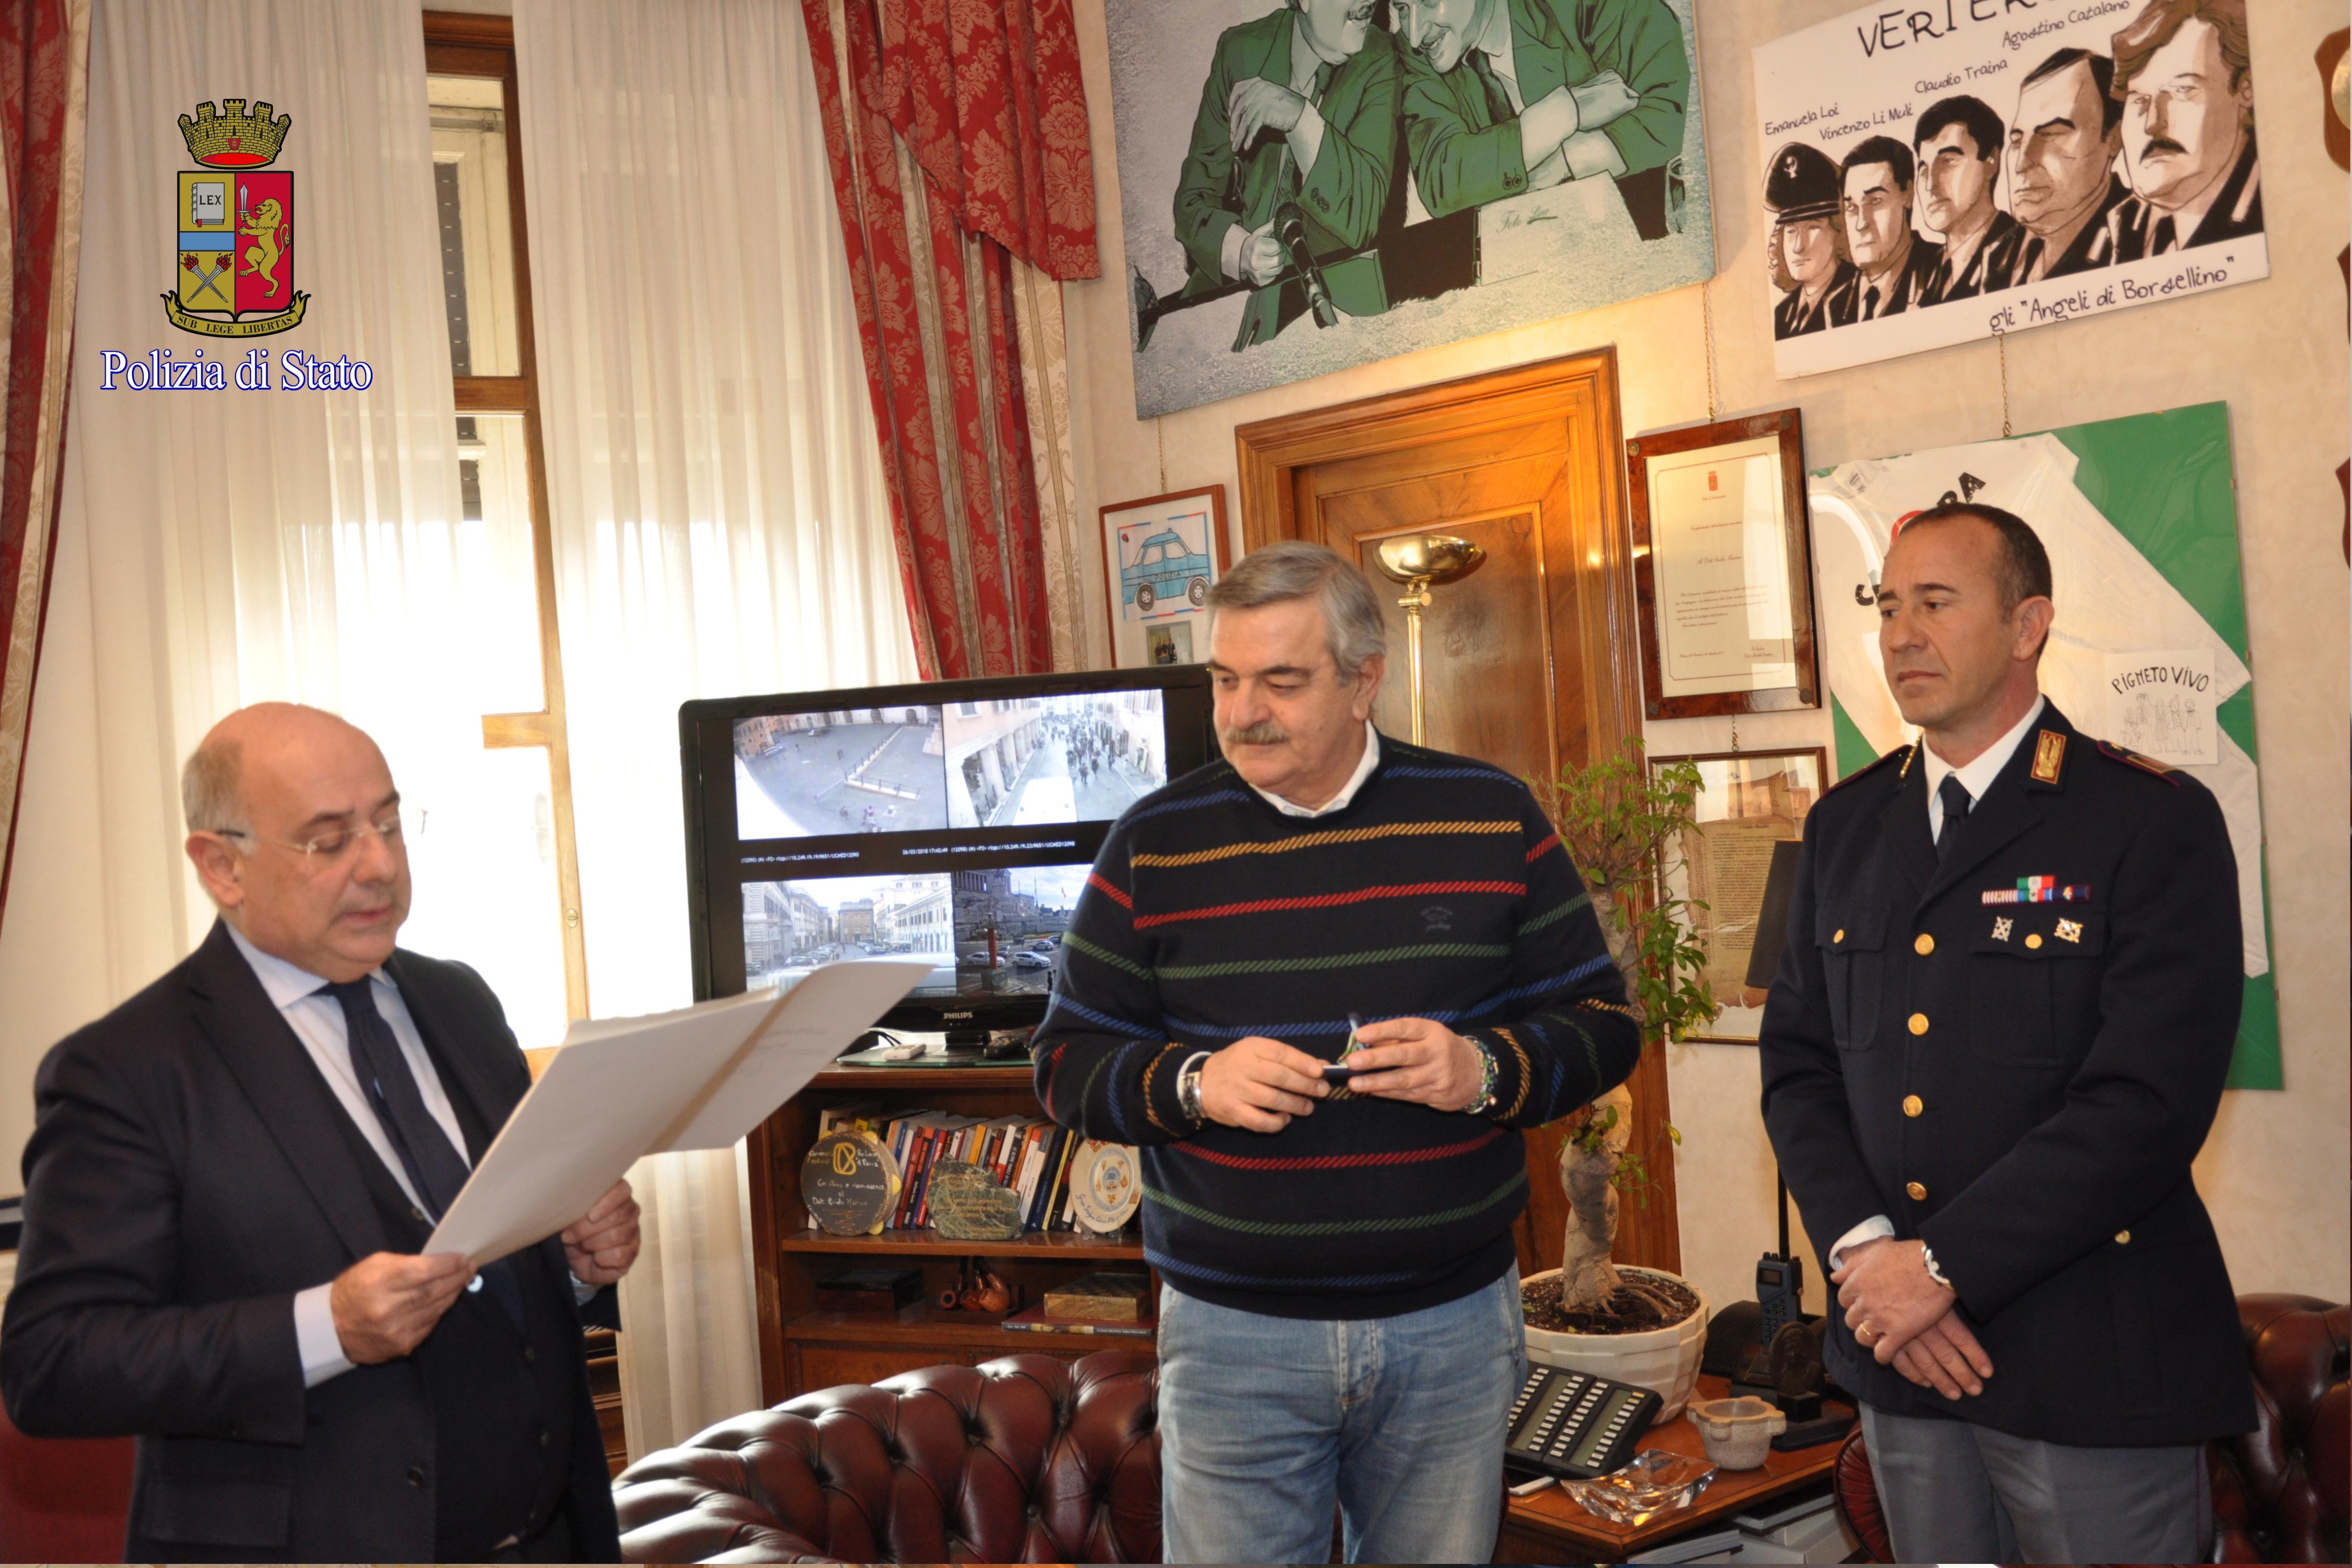 Polizia di stato questure sul web roma for Polizia stato permesso di soggiorno